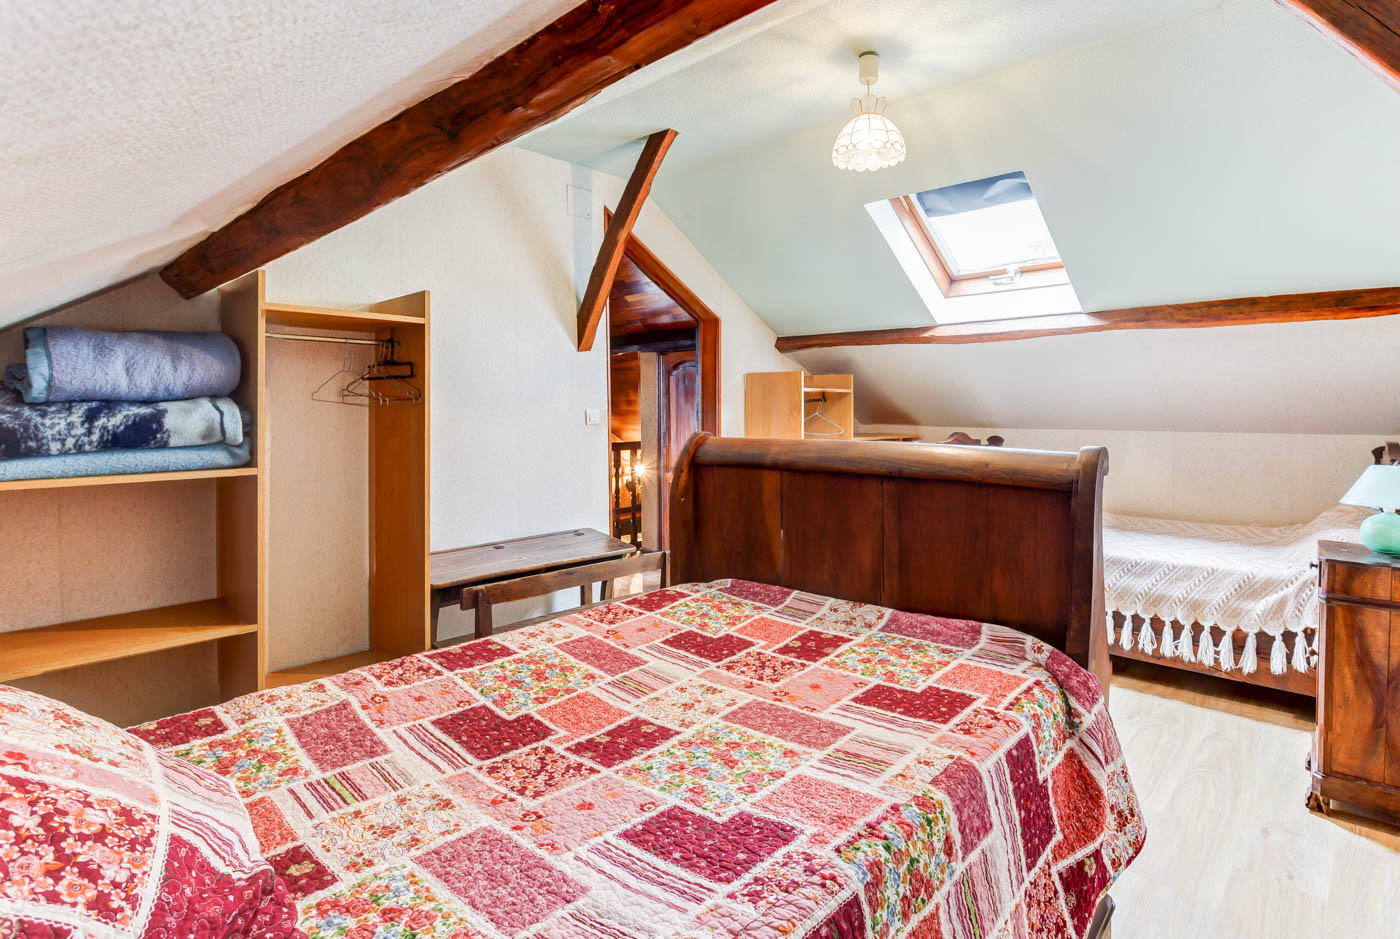 Maison-de-Vacances-Les-Terrasses-20